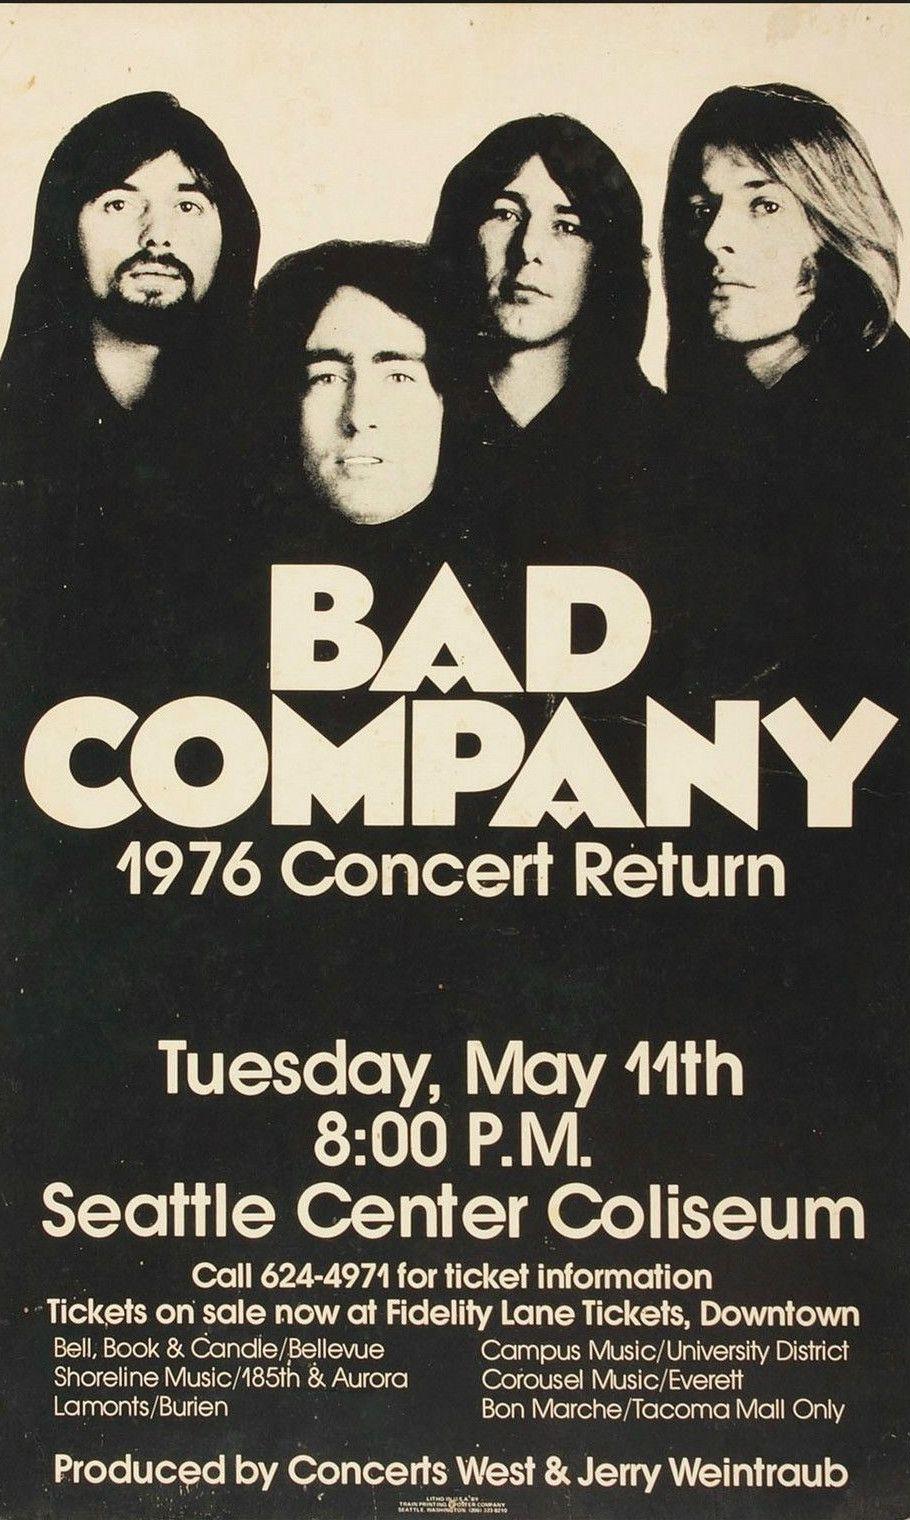 Bad Company Concert Poster Oblozhki Albomov Plakat Muzykalnye